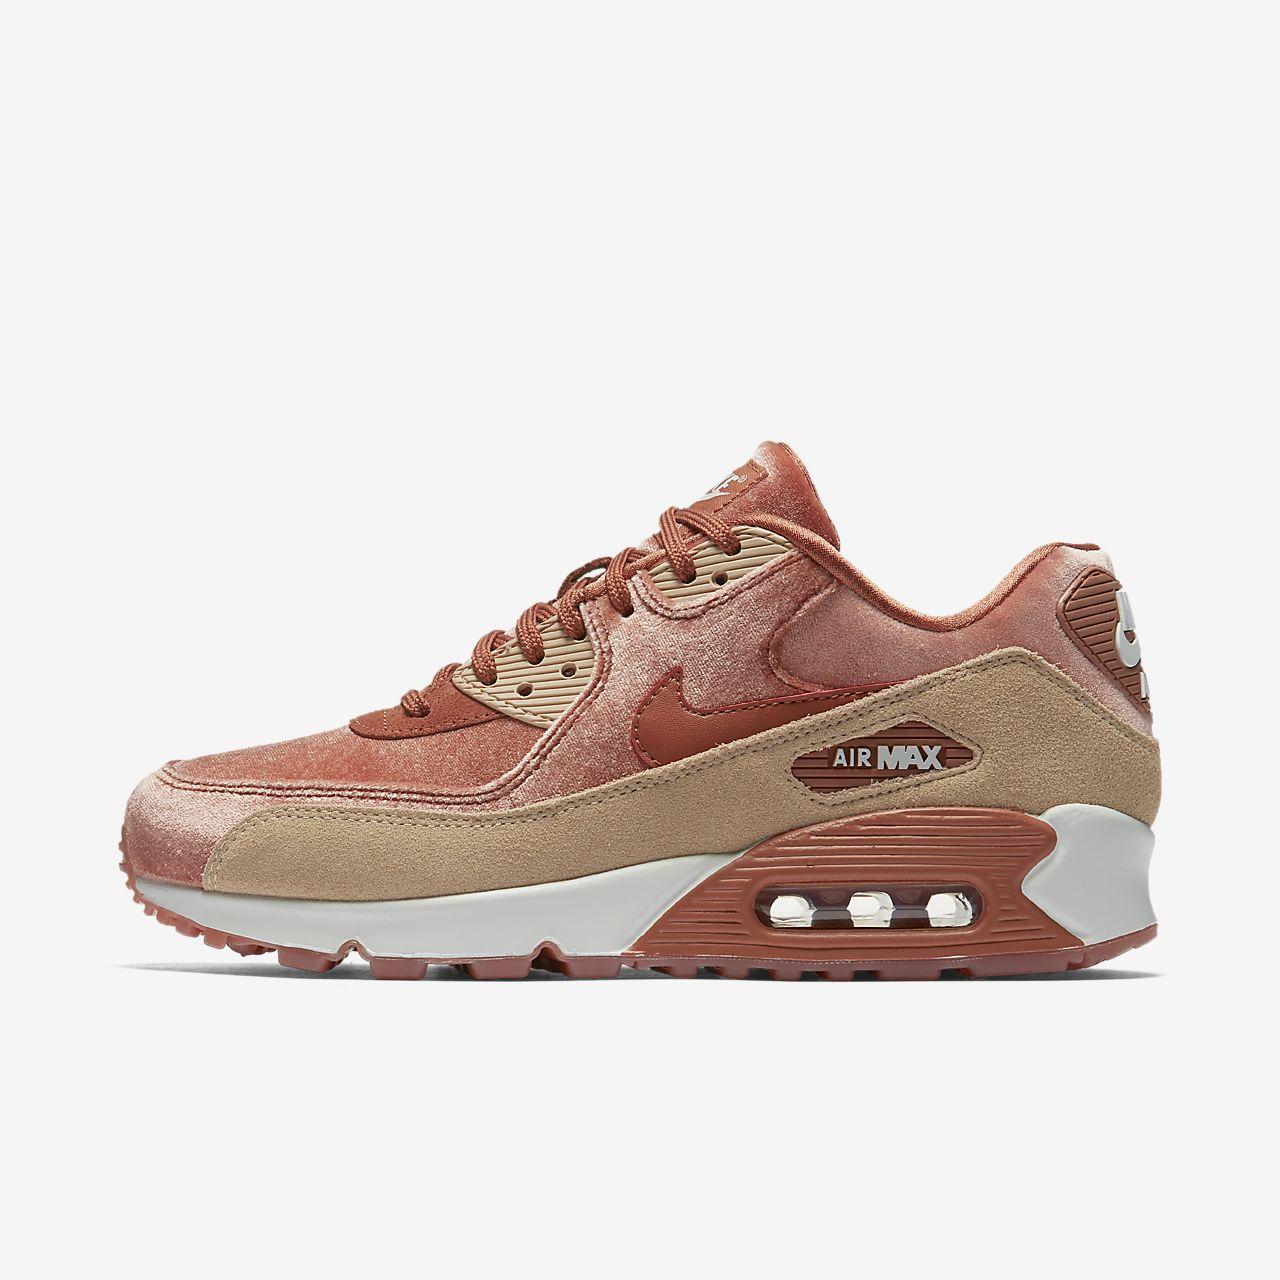 Beige Nike Air Max 90 Chaussures À 40,5 Pour Les Femmes